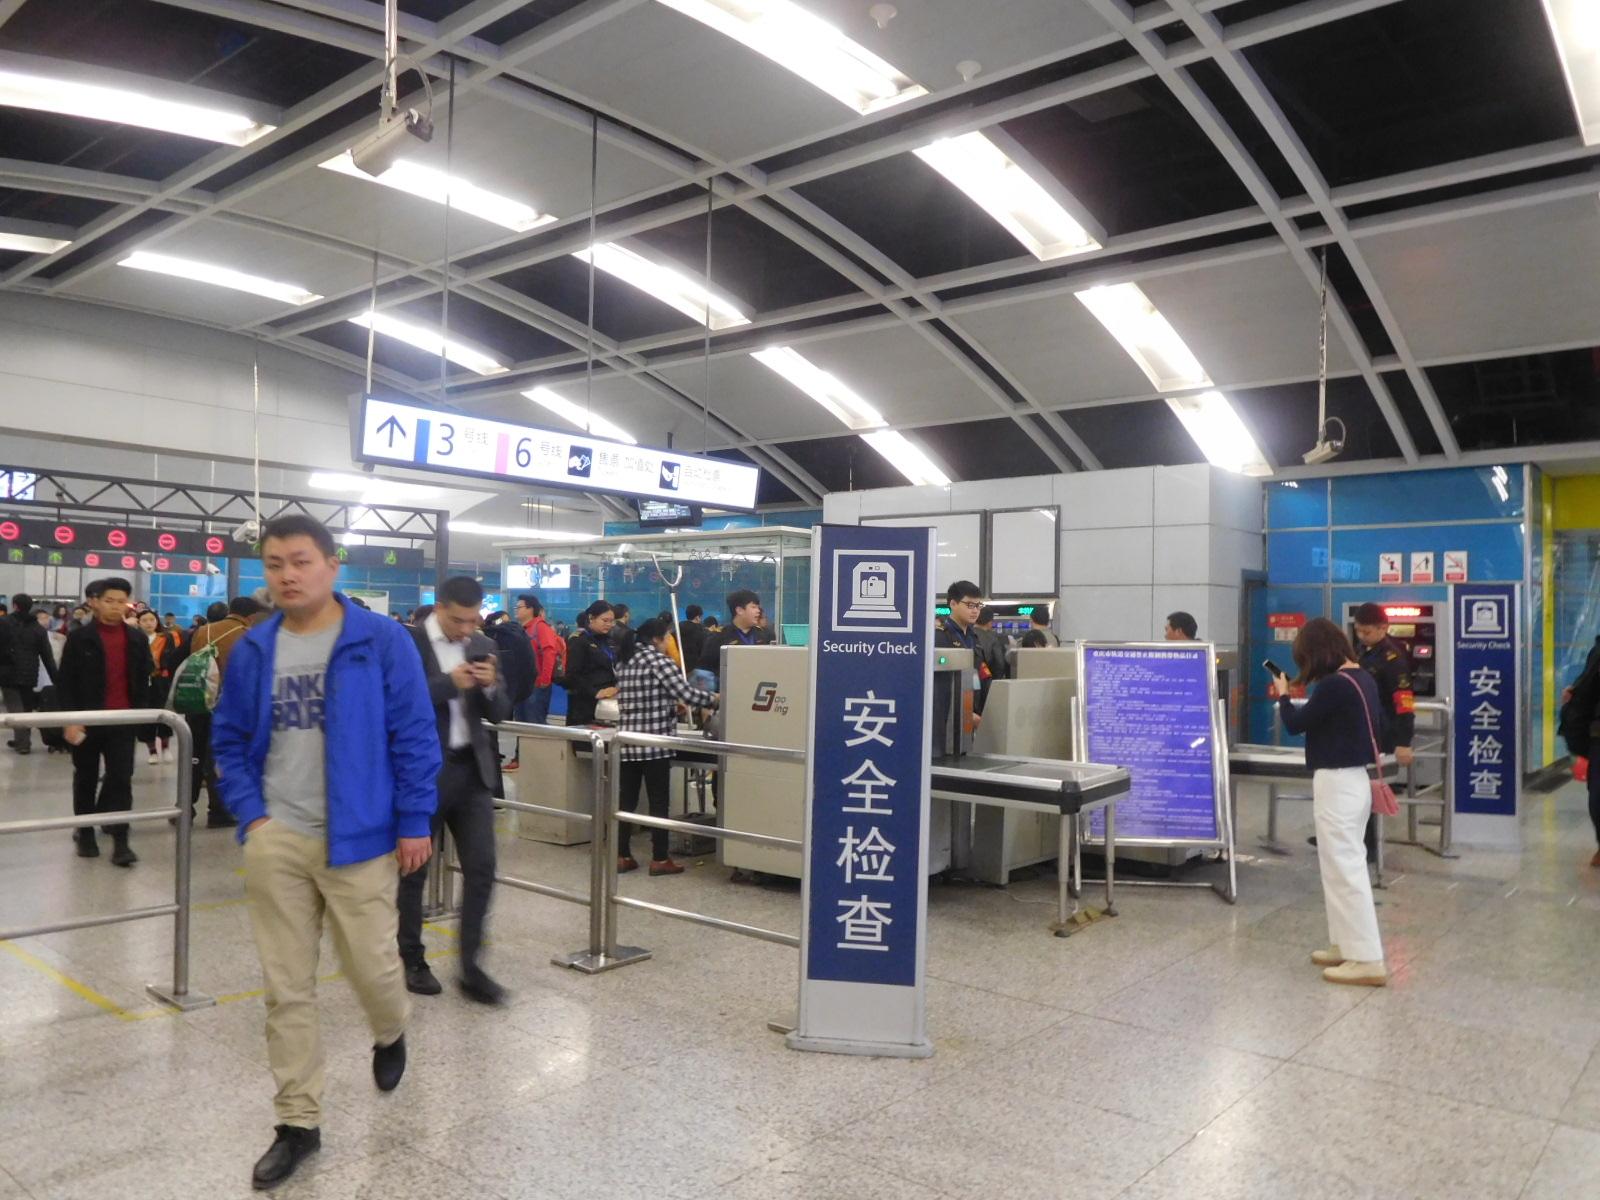 中国重慶の地下鉄の荷物検査